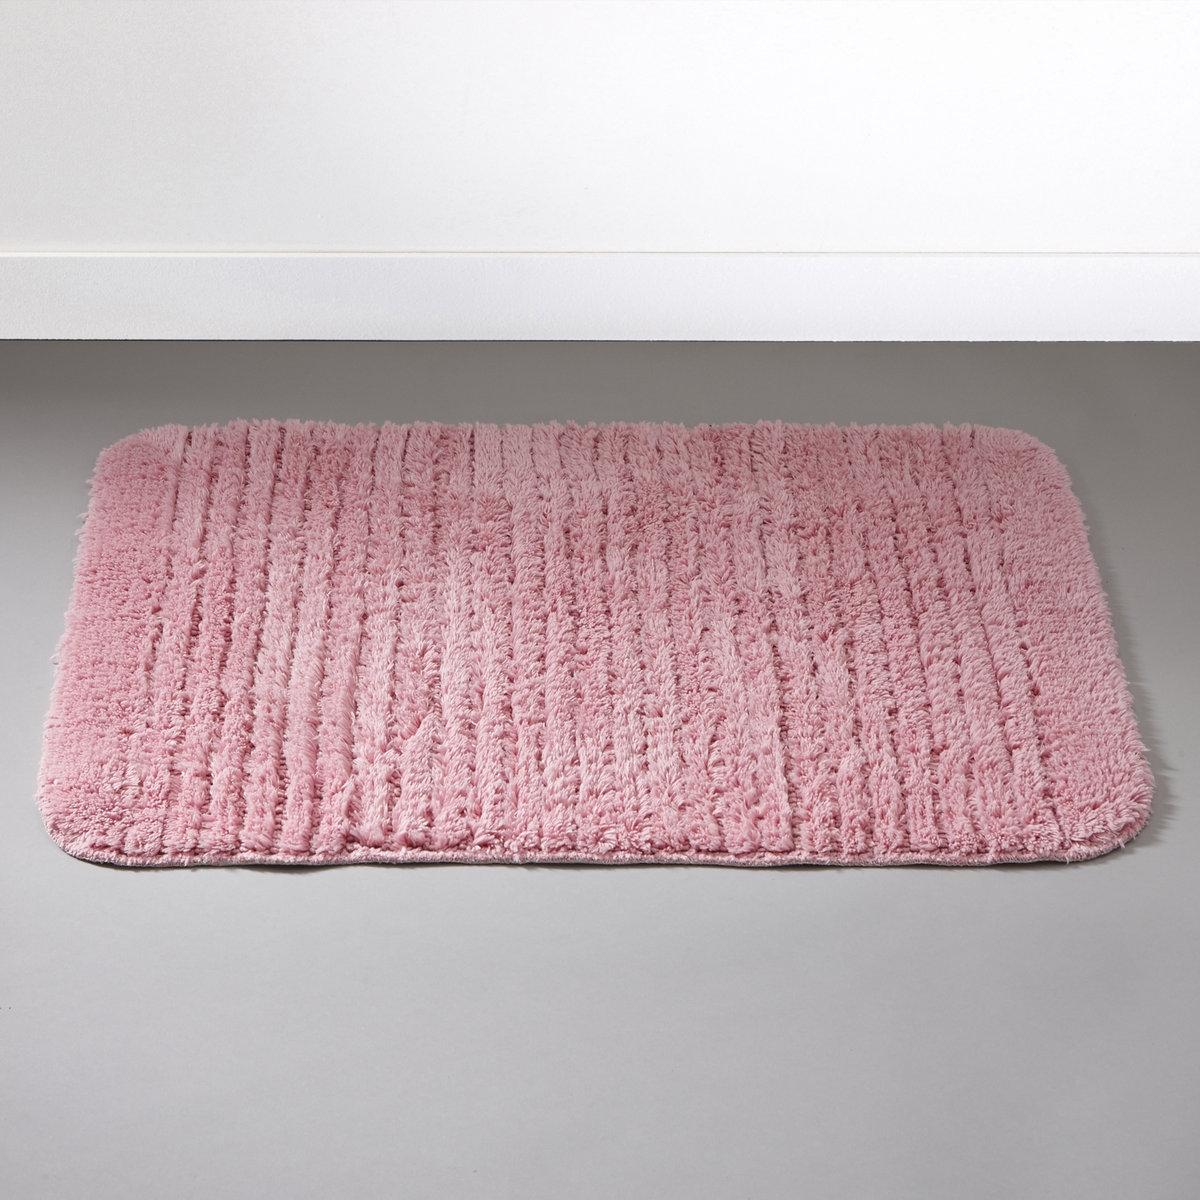 Коврик для ванной, 1100 г/м?Пушистый коврик для ванной комнаты. 100% хлопка, 1100 г/м?, ультрамягкий и невероятно впитывающий. Стирка при 60°. Рельефные полоски. Обратная сторона с покрытием против скольжения.<br><br>Цвет: розовый<br>Размер: прямоуг. 70 x 120 см